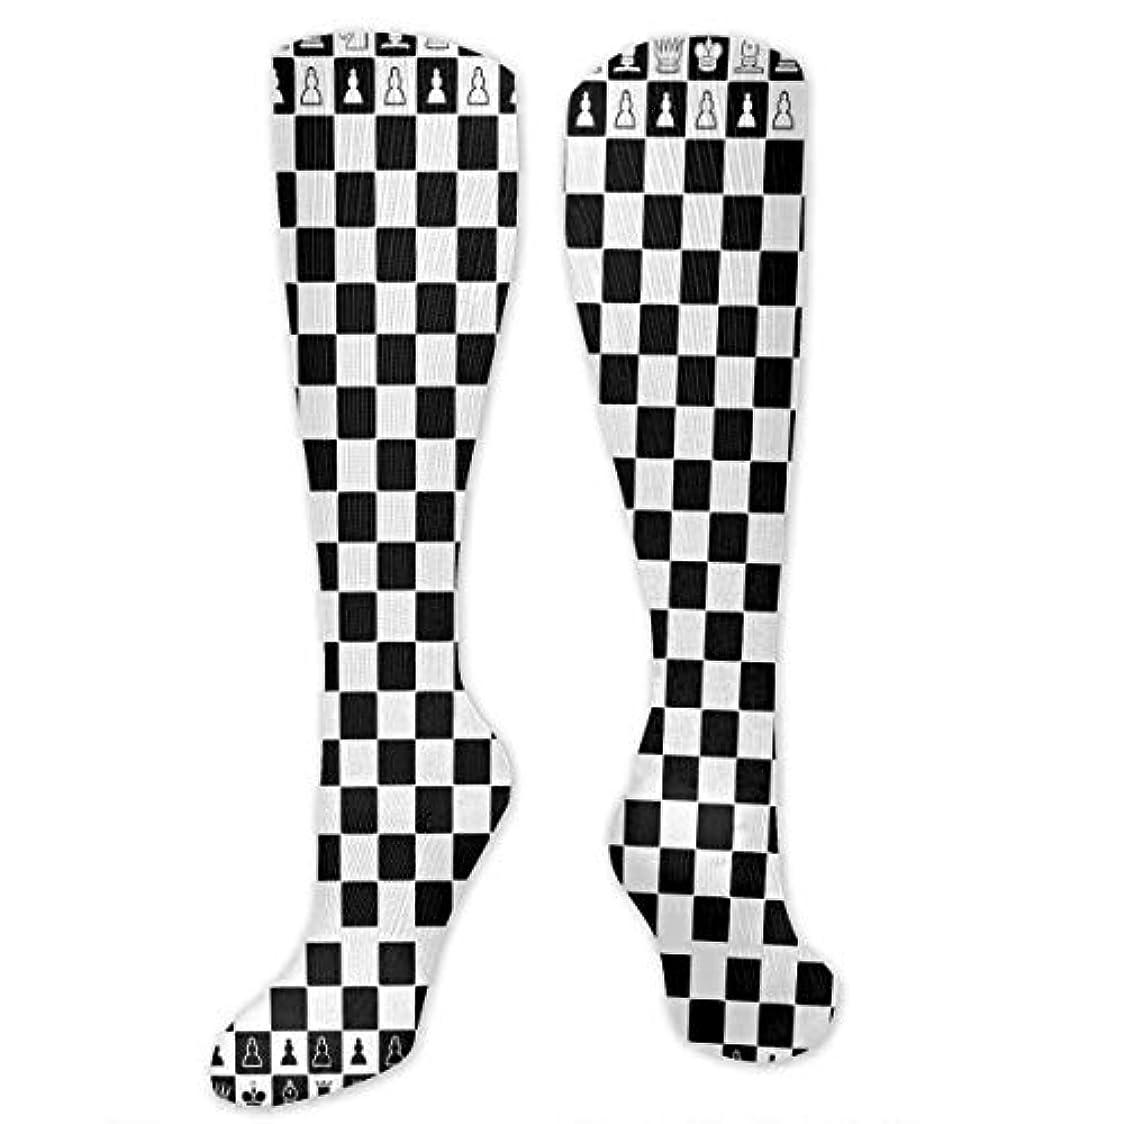 アピールファーザーファージュ肉腫QRRIYアスレチックソックス黒と白の正方形のチェス3 D圧縮ソックス男性女性ソックス長い乗組員ソックス